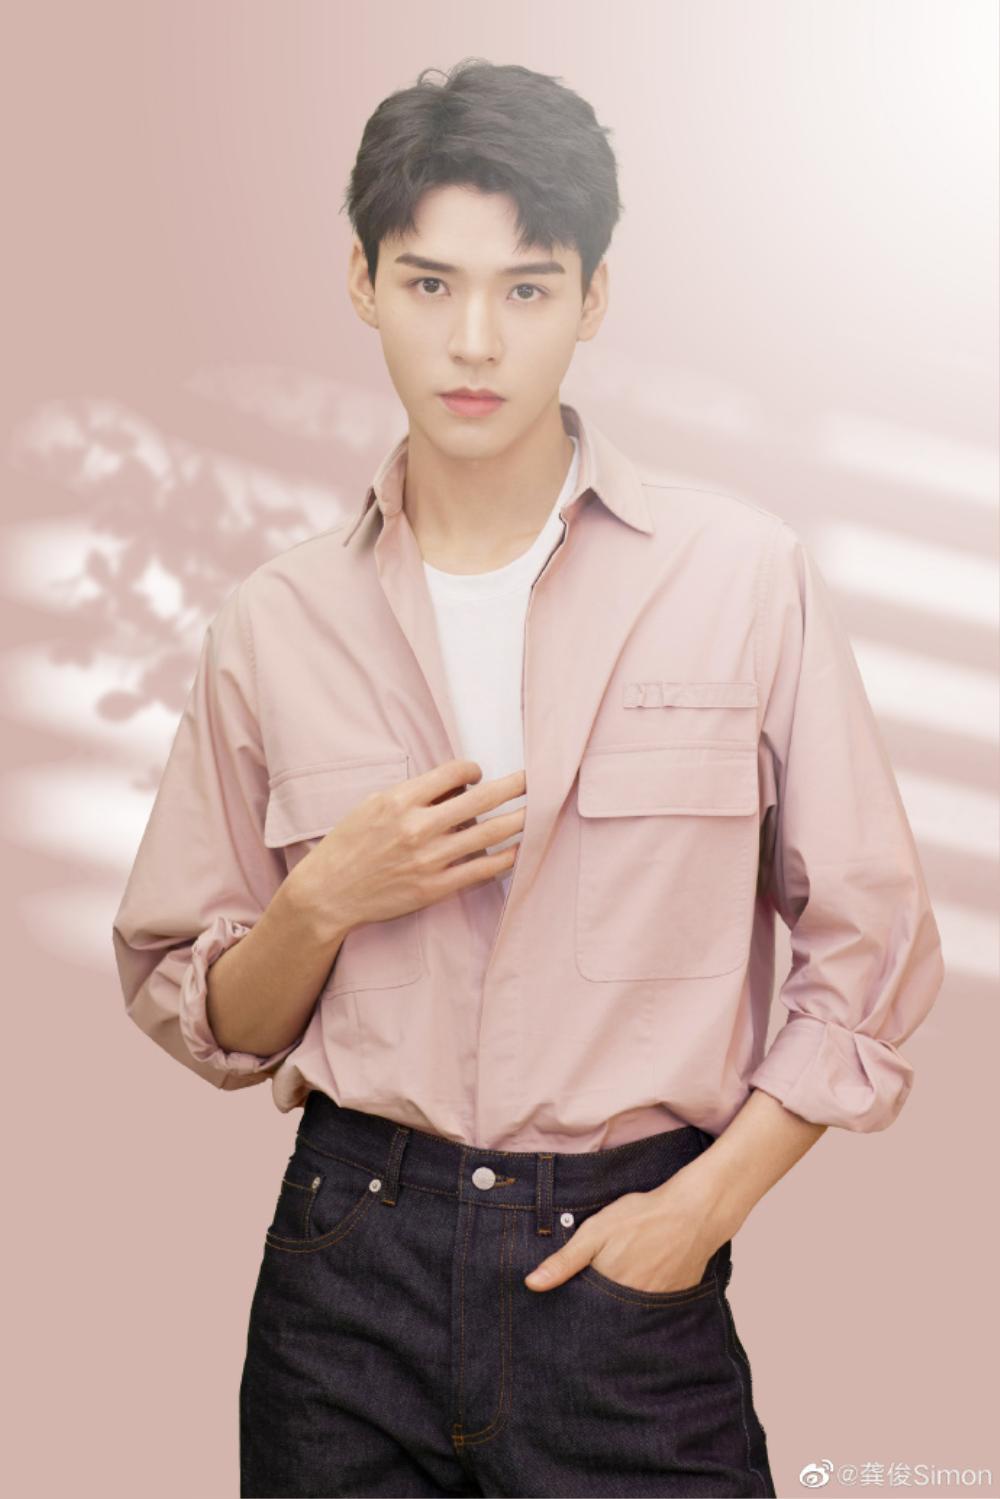 Cung Tuấn cố tình dùng photoshop cắt bỏ hình ảnh của Trương Triết Hạn? Ảnh 7